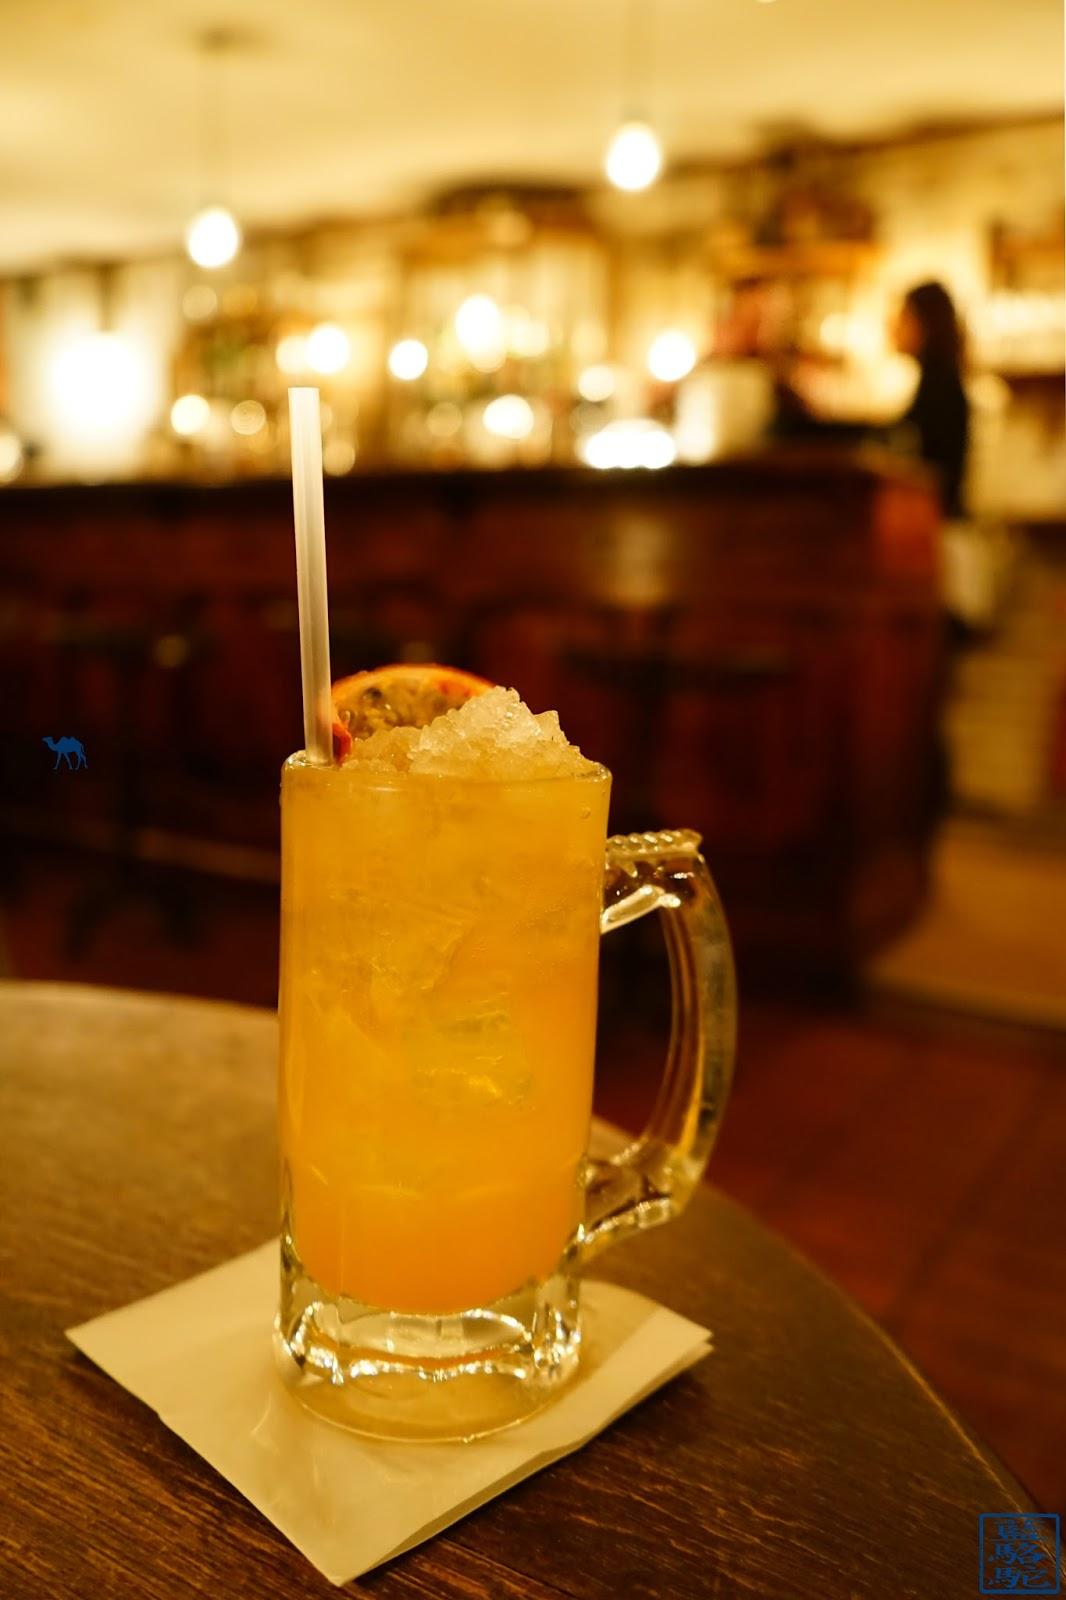 Le Chameau Bleu - Cocktail d'Evans and Peel